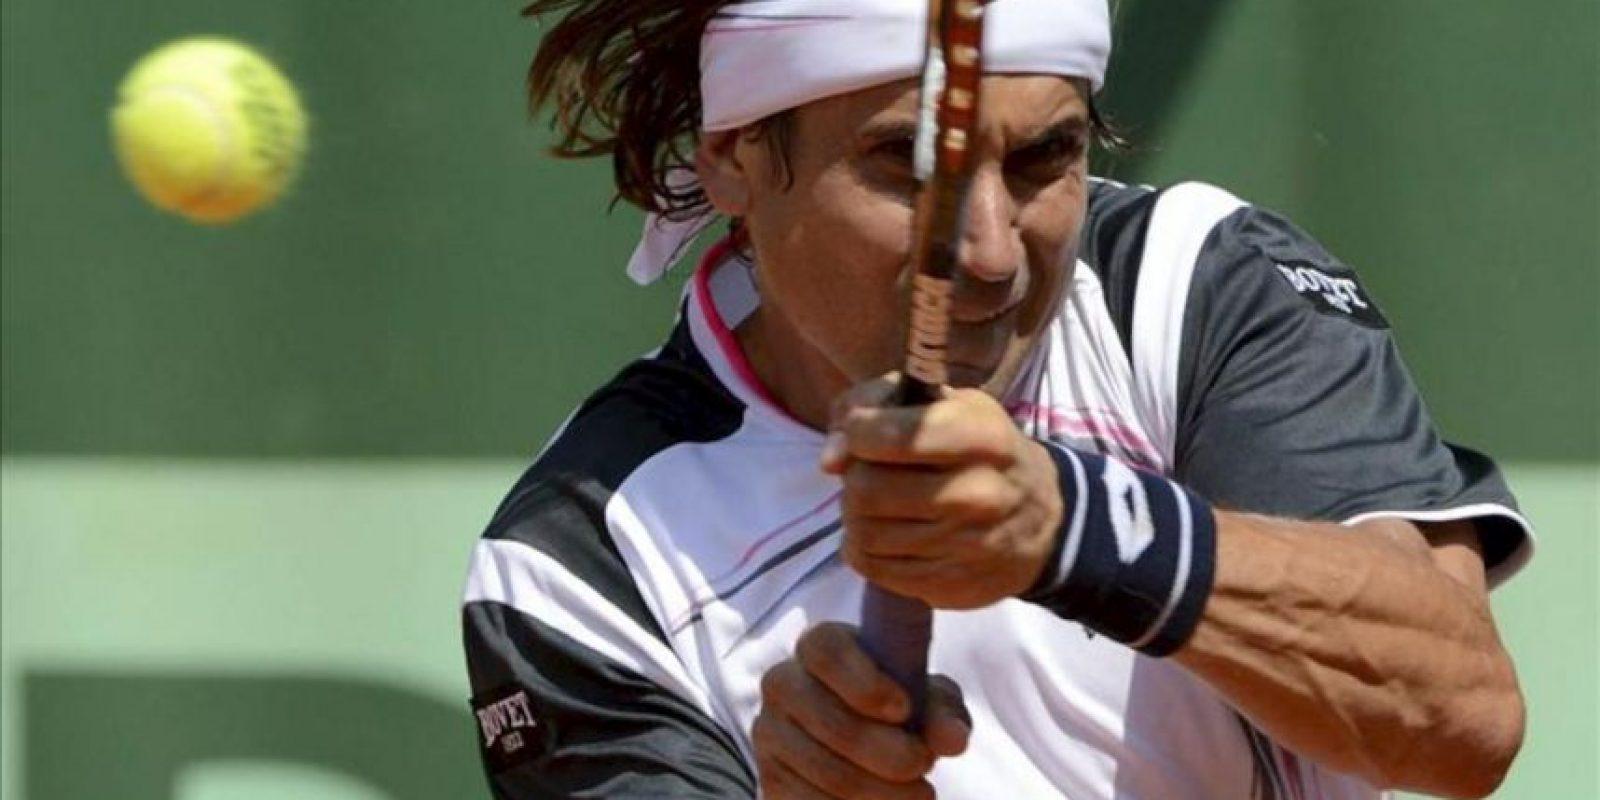 El tenista español David Ferrer devuelve la bola al eslovaco Lukas Lacko durante el partido de primera ronda del torneo Roland Garros disputado hoy por ambos tenistas en París (Francia). EFE